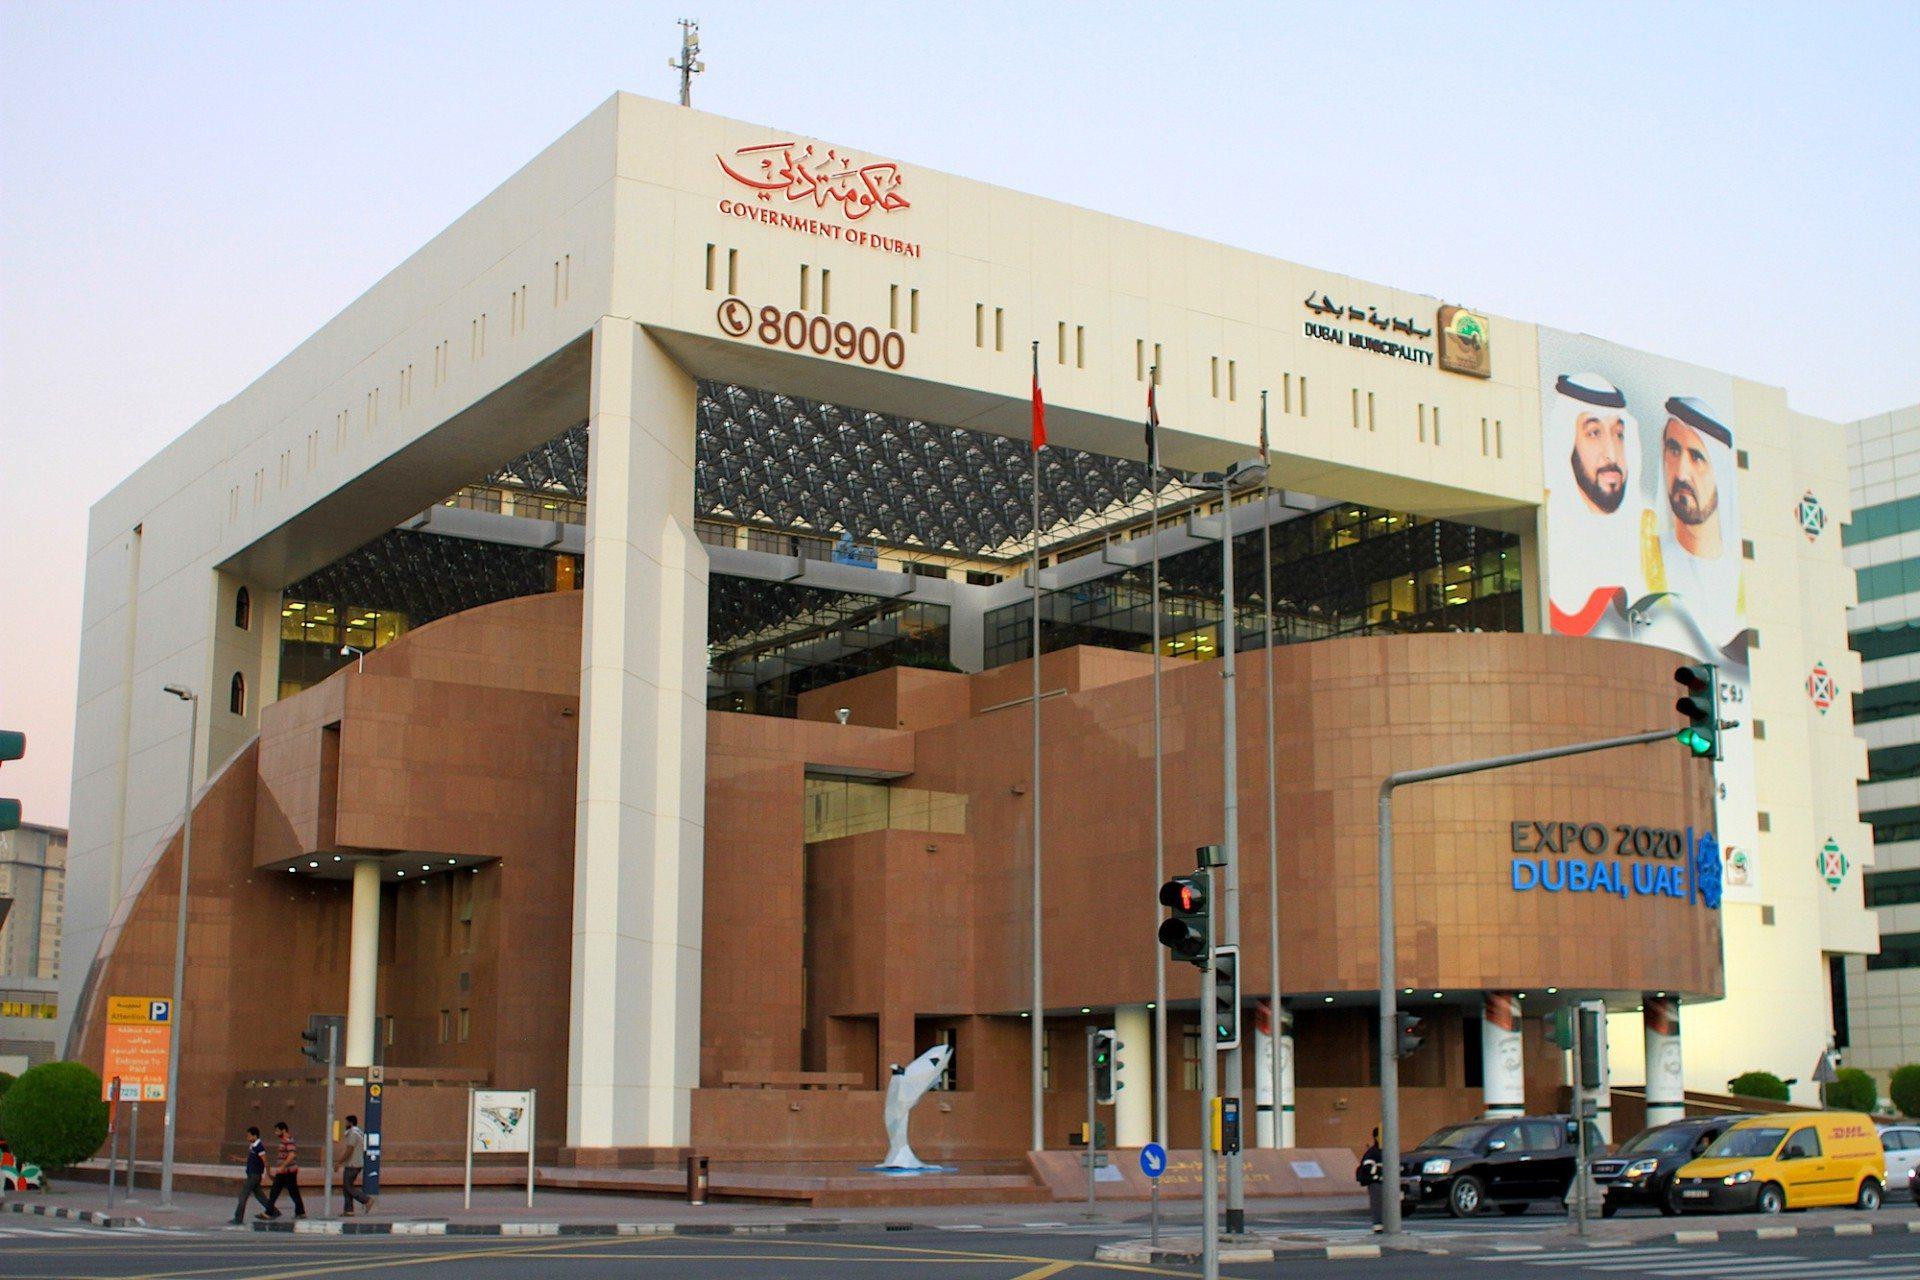 Dubai Municipality. Von Pacific Consultants International. Rotbrauner Granit trifft Marmor trifft Rundungen und quadratischen Überbau mit acht Stockwerken.